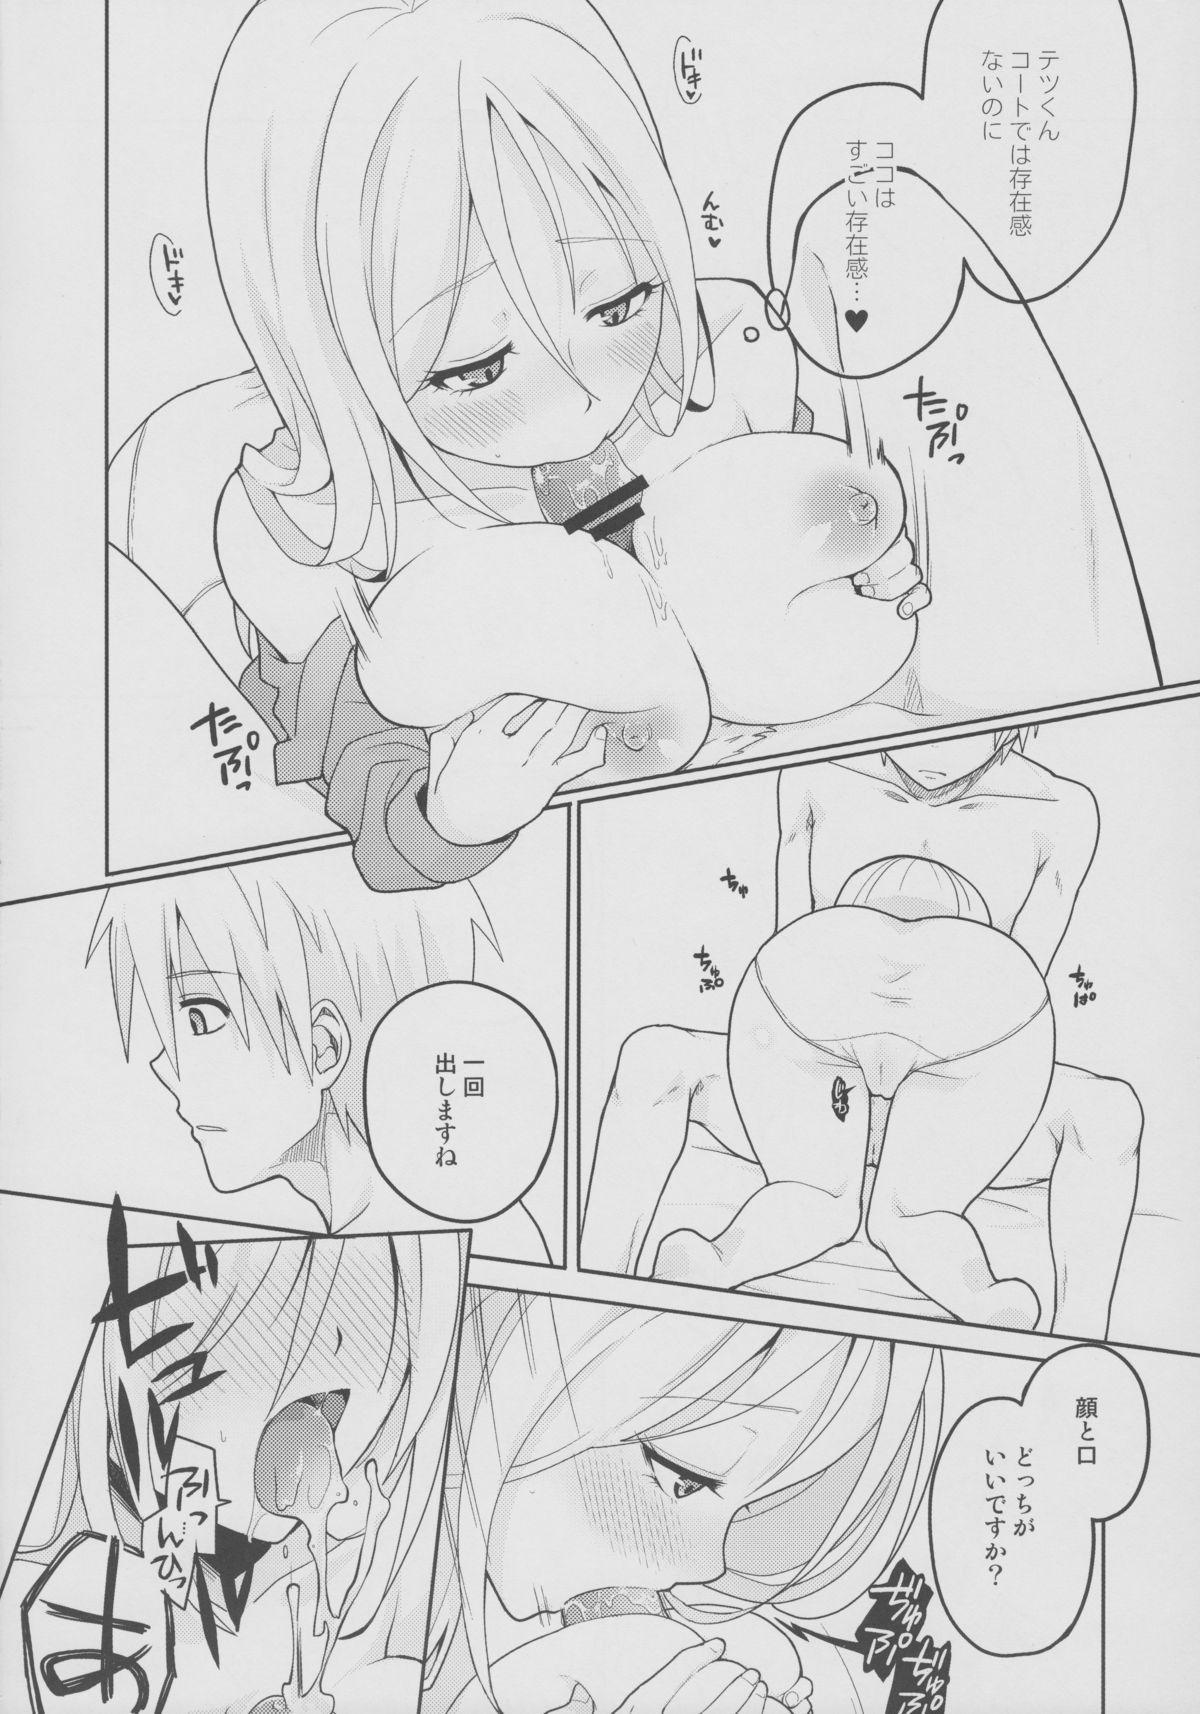 MomoKuro Ecchi 4